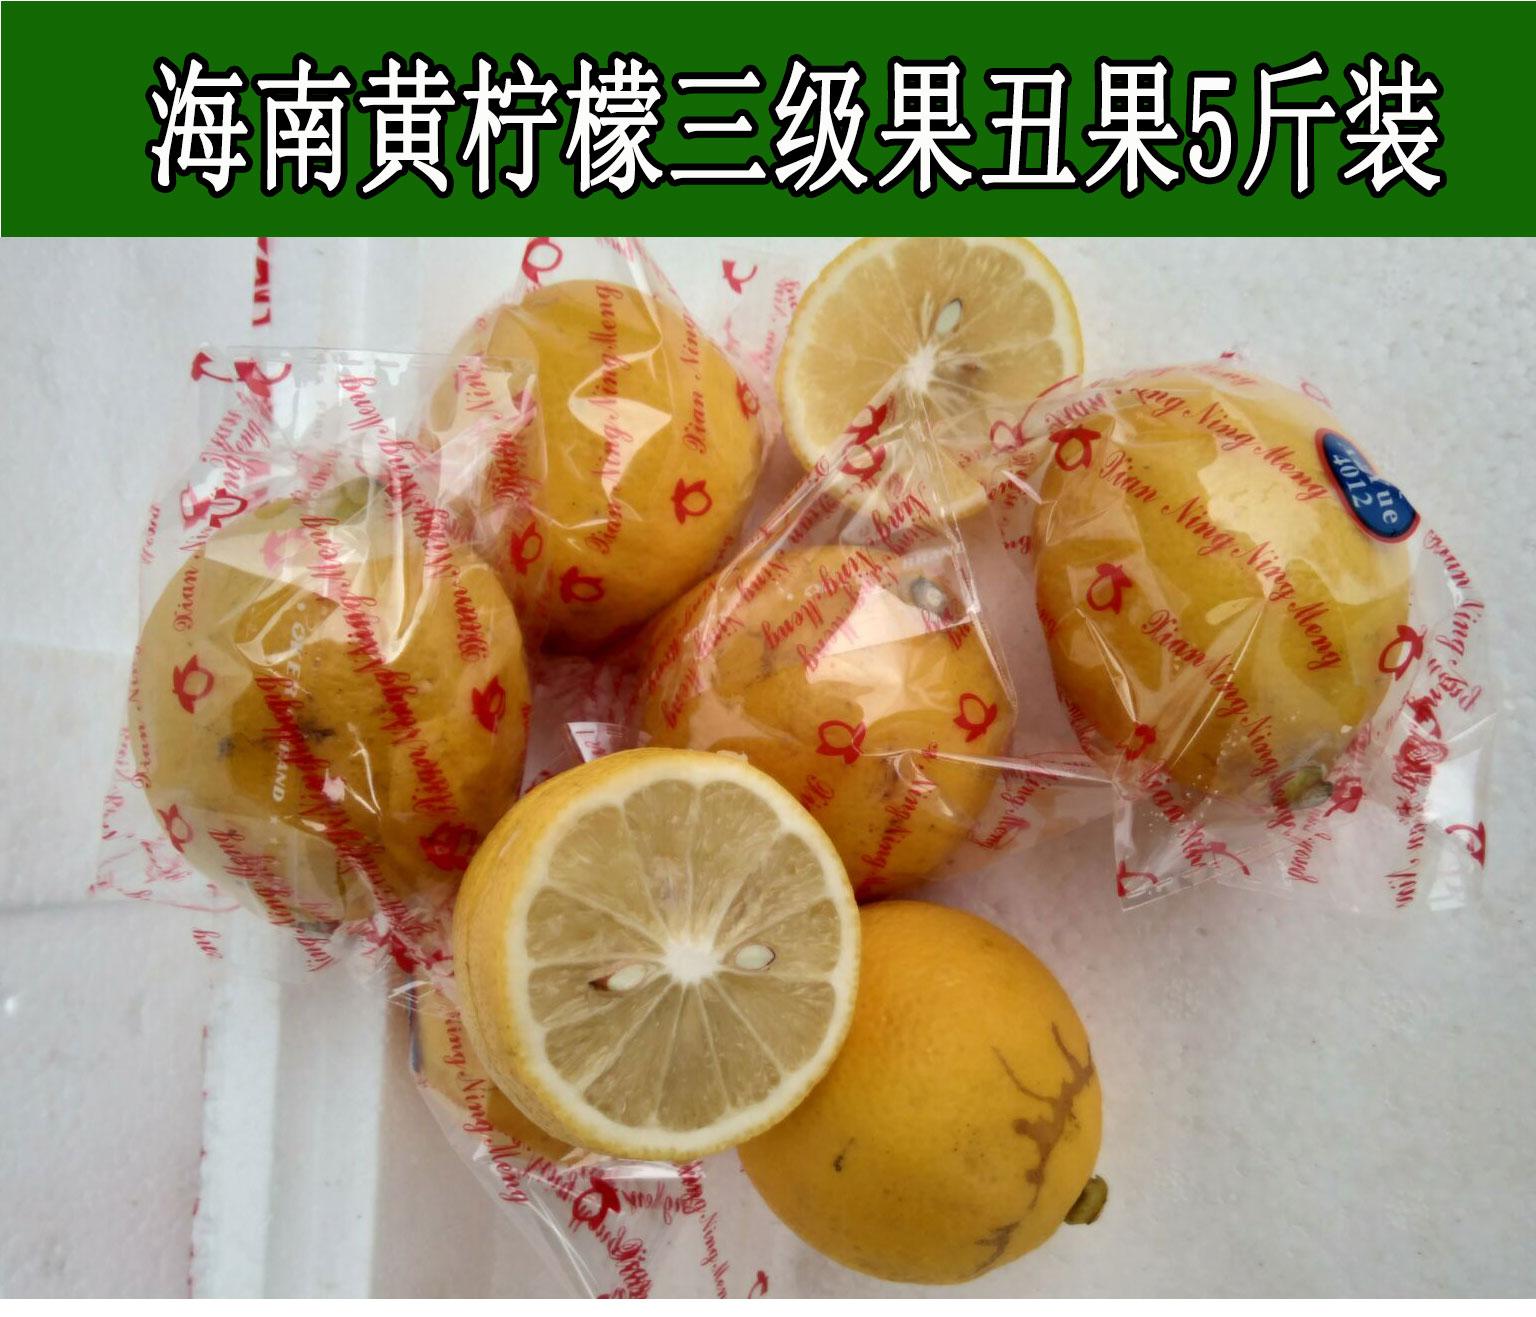 券后14.90元海南黄柠檬新鲜水果皮薄多汁5斤装泡茶榨汁三级丑果非四川黄柠檬